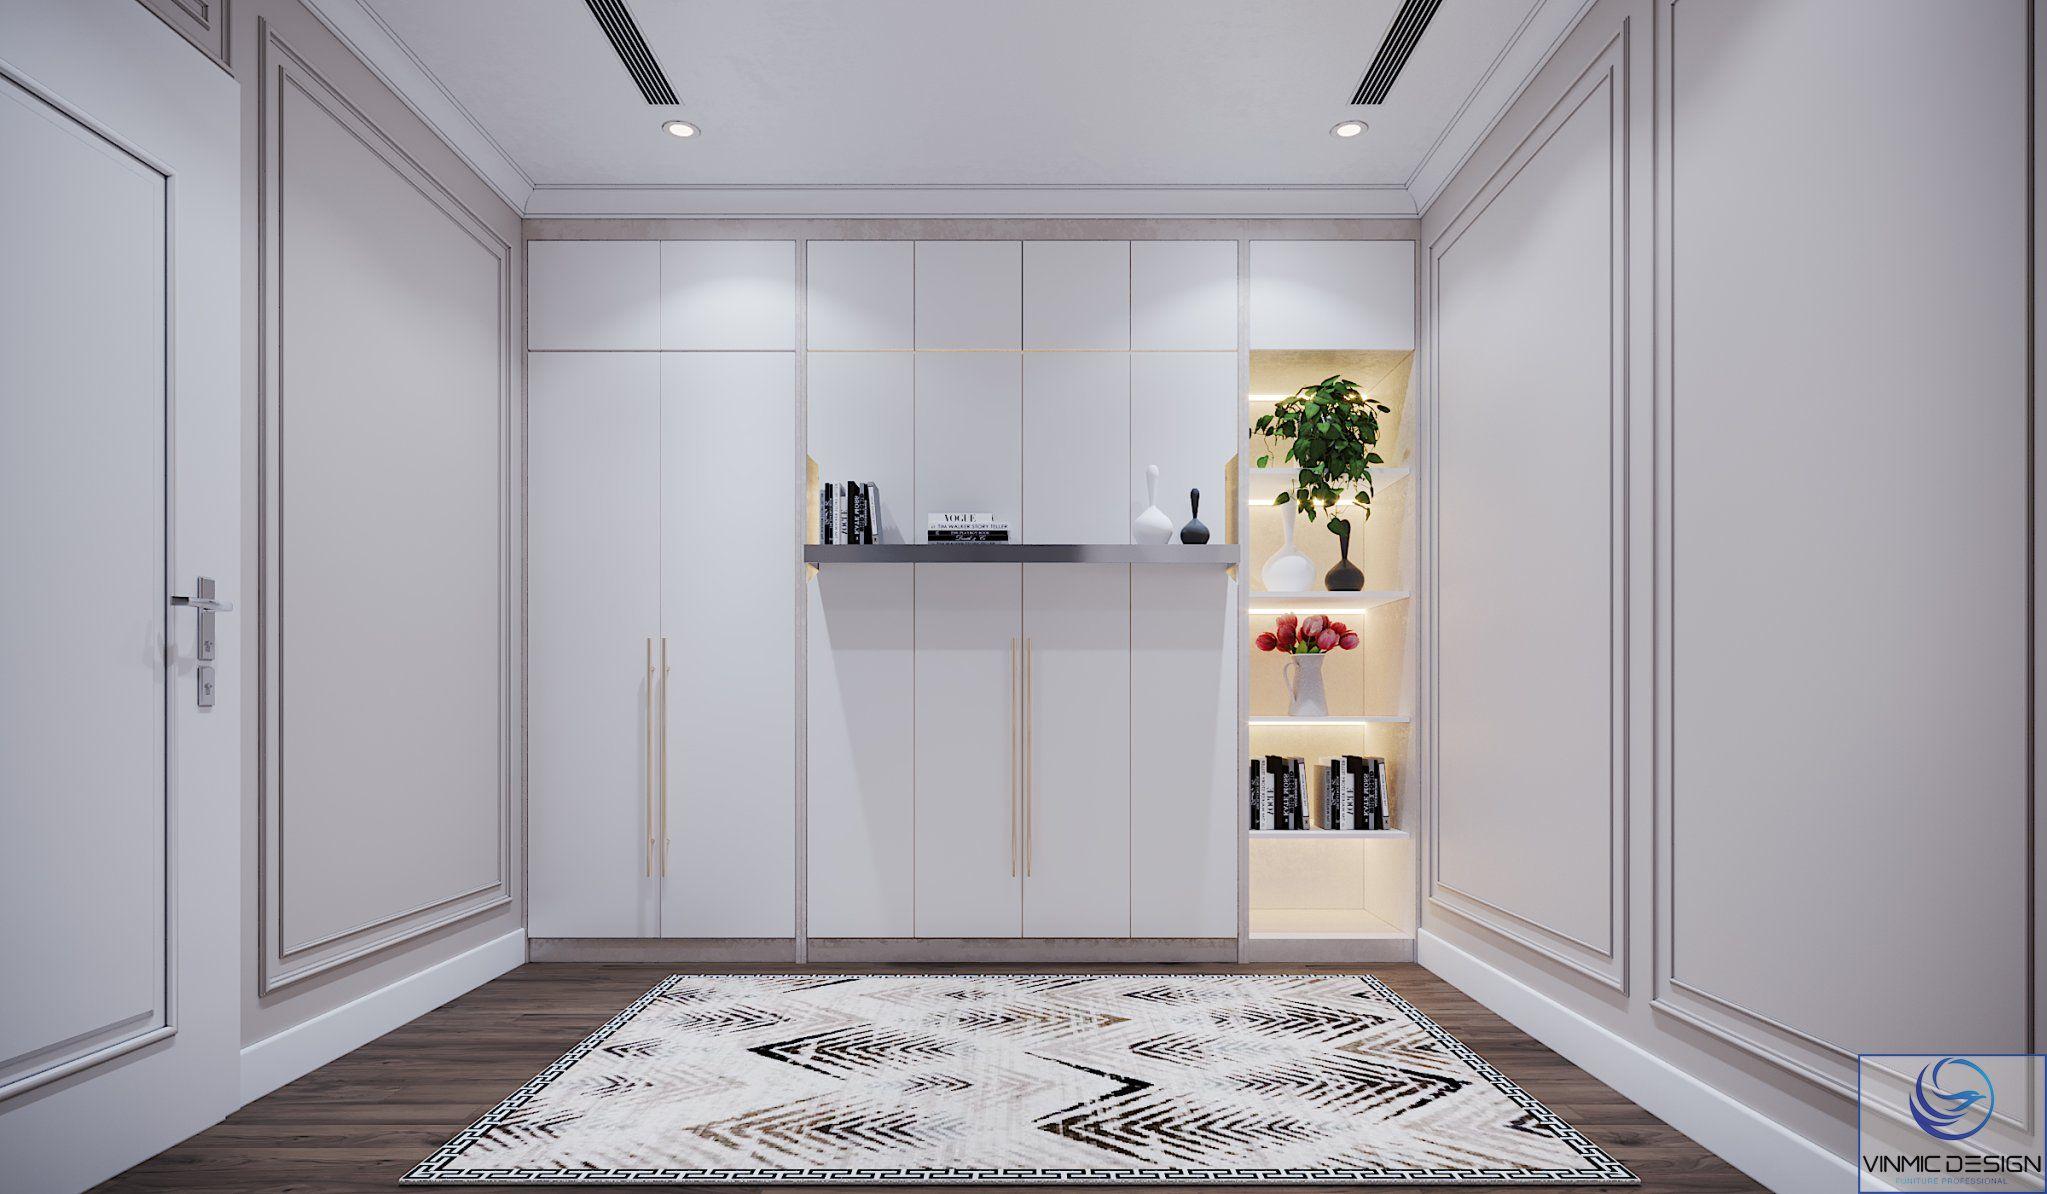 Căn phòng sẽ rộng rãi và tiện ích hơn để gia đình sử dụng vào các việc khác khi không cần giường ngủ.